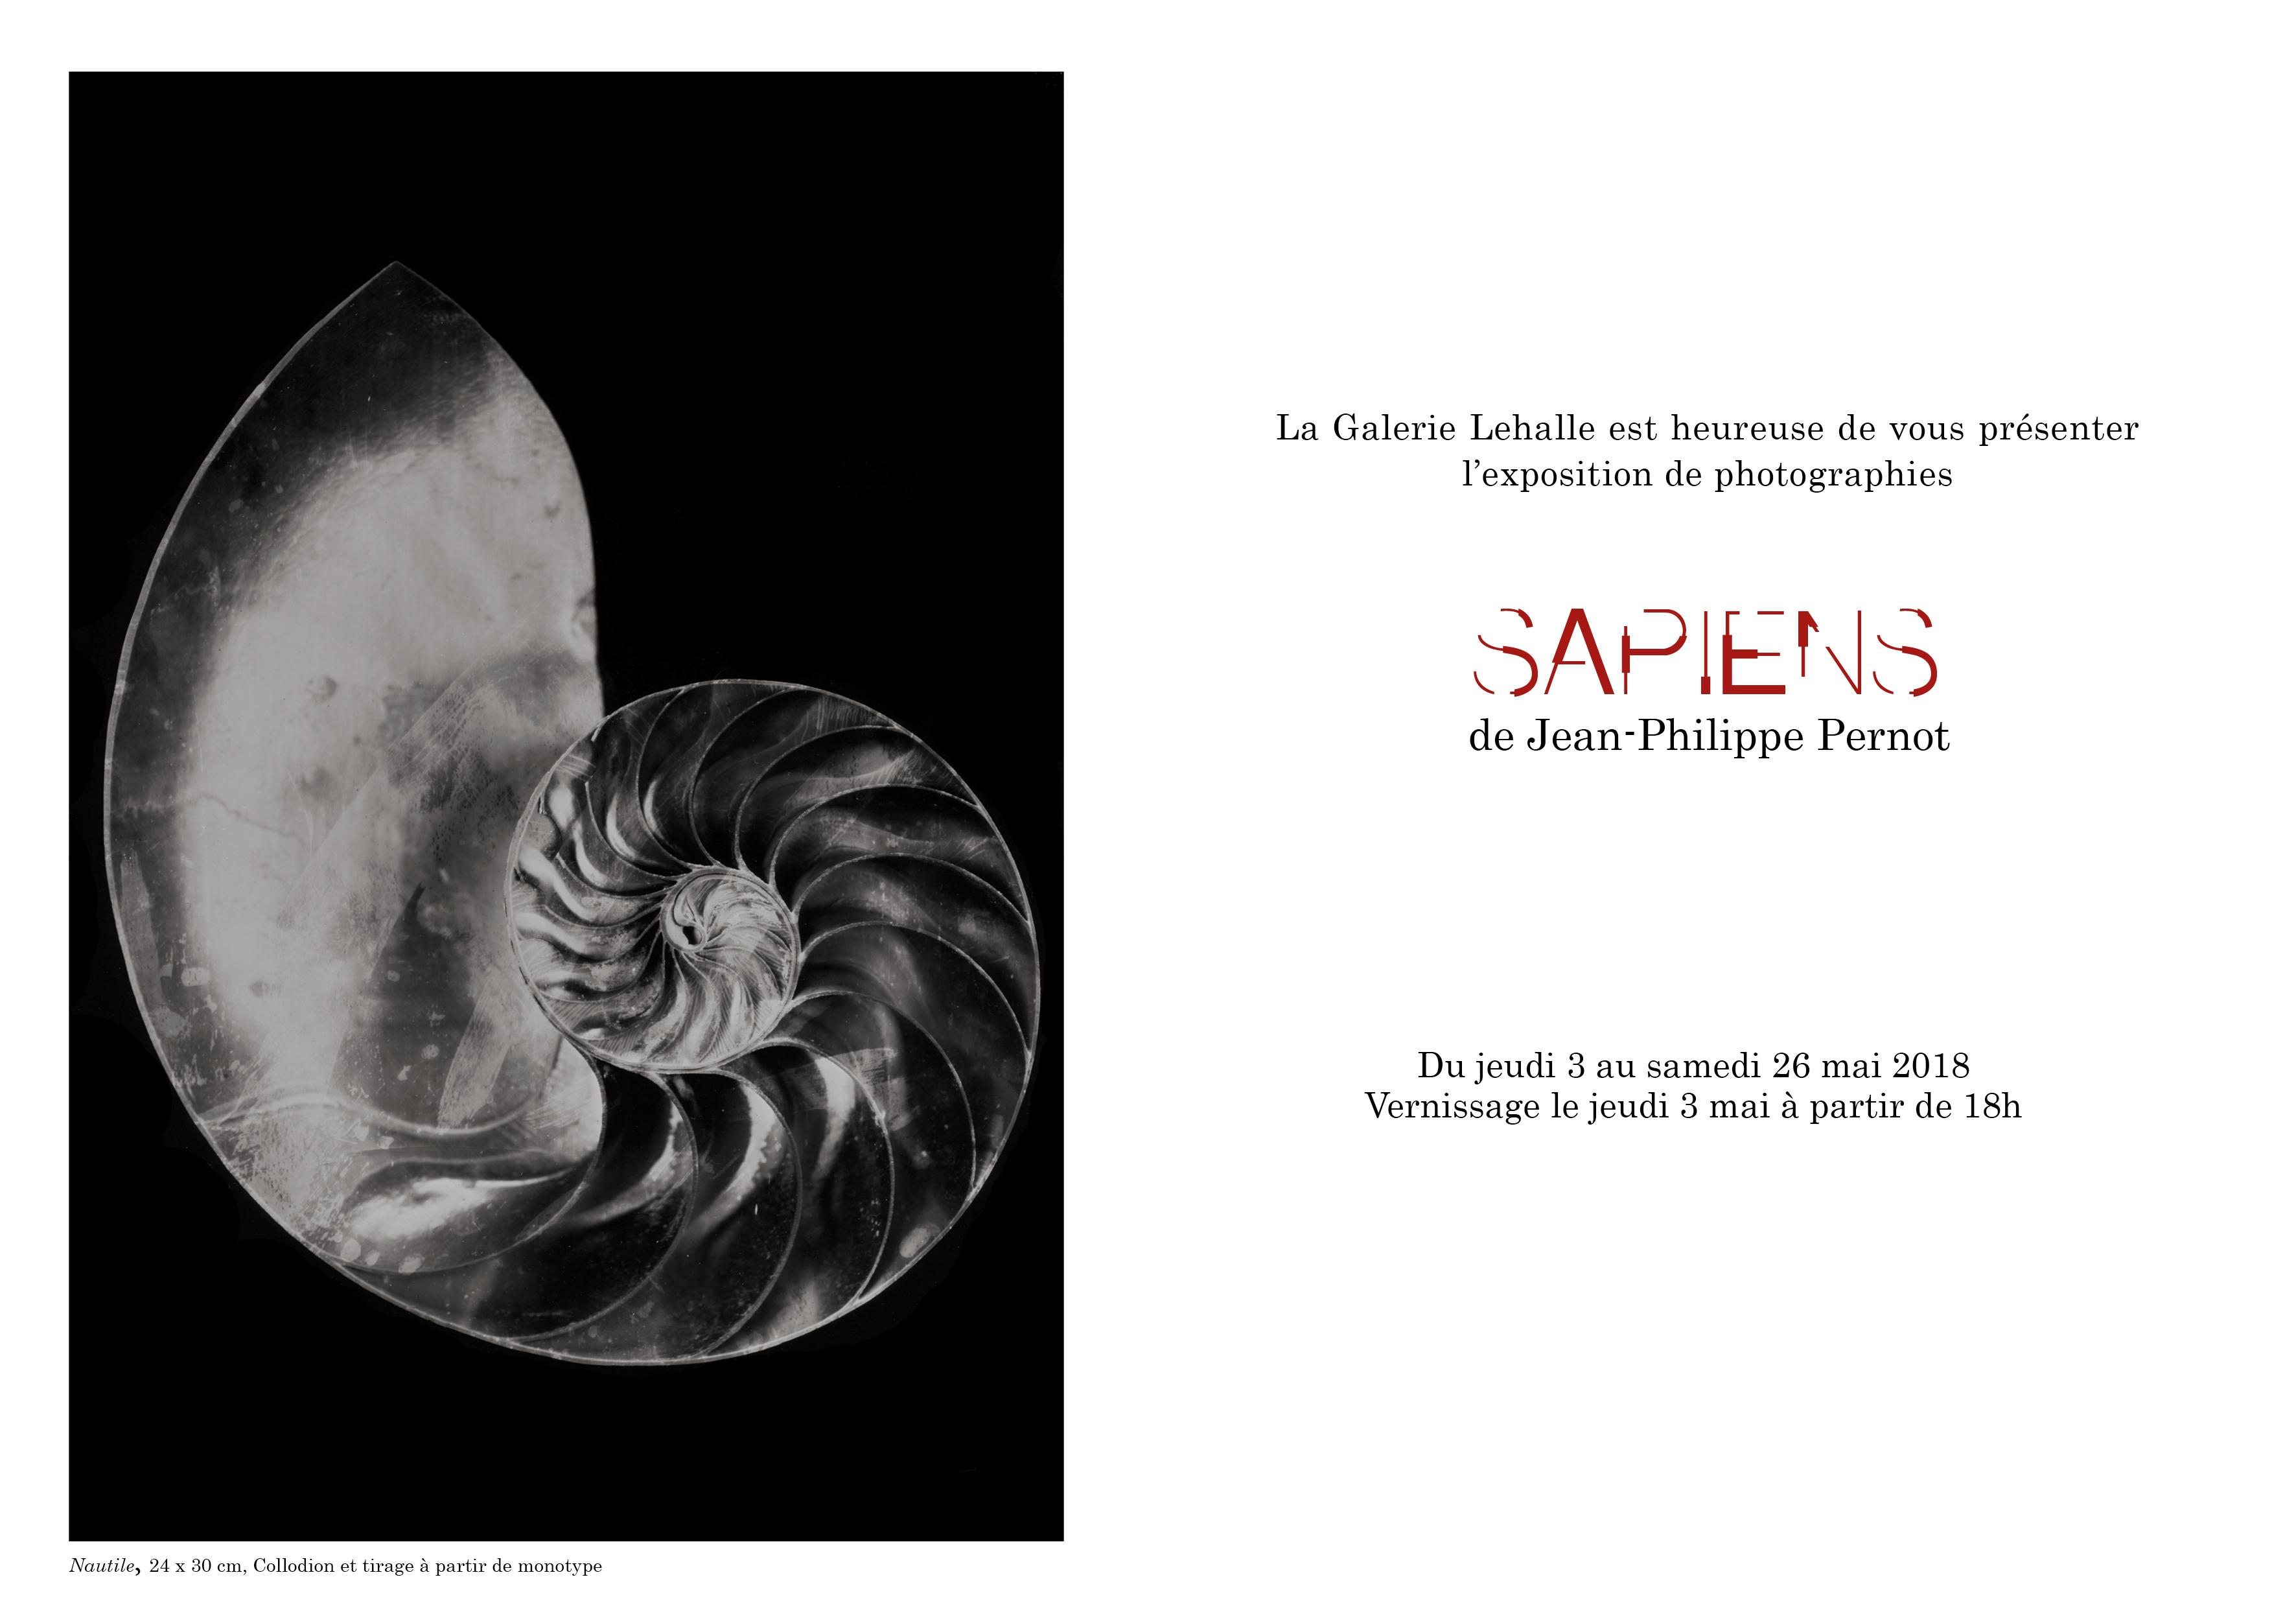 Jean-Philippe Pernot Nautile, 24 x 30 cm, Collodion et tirage à partir de monotype